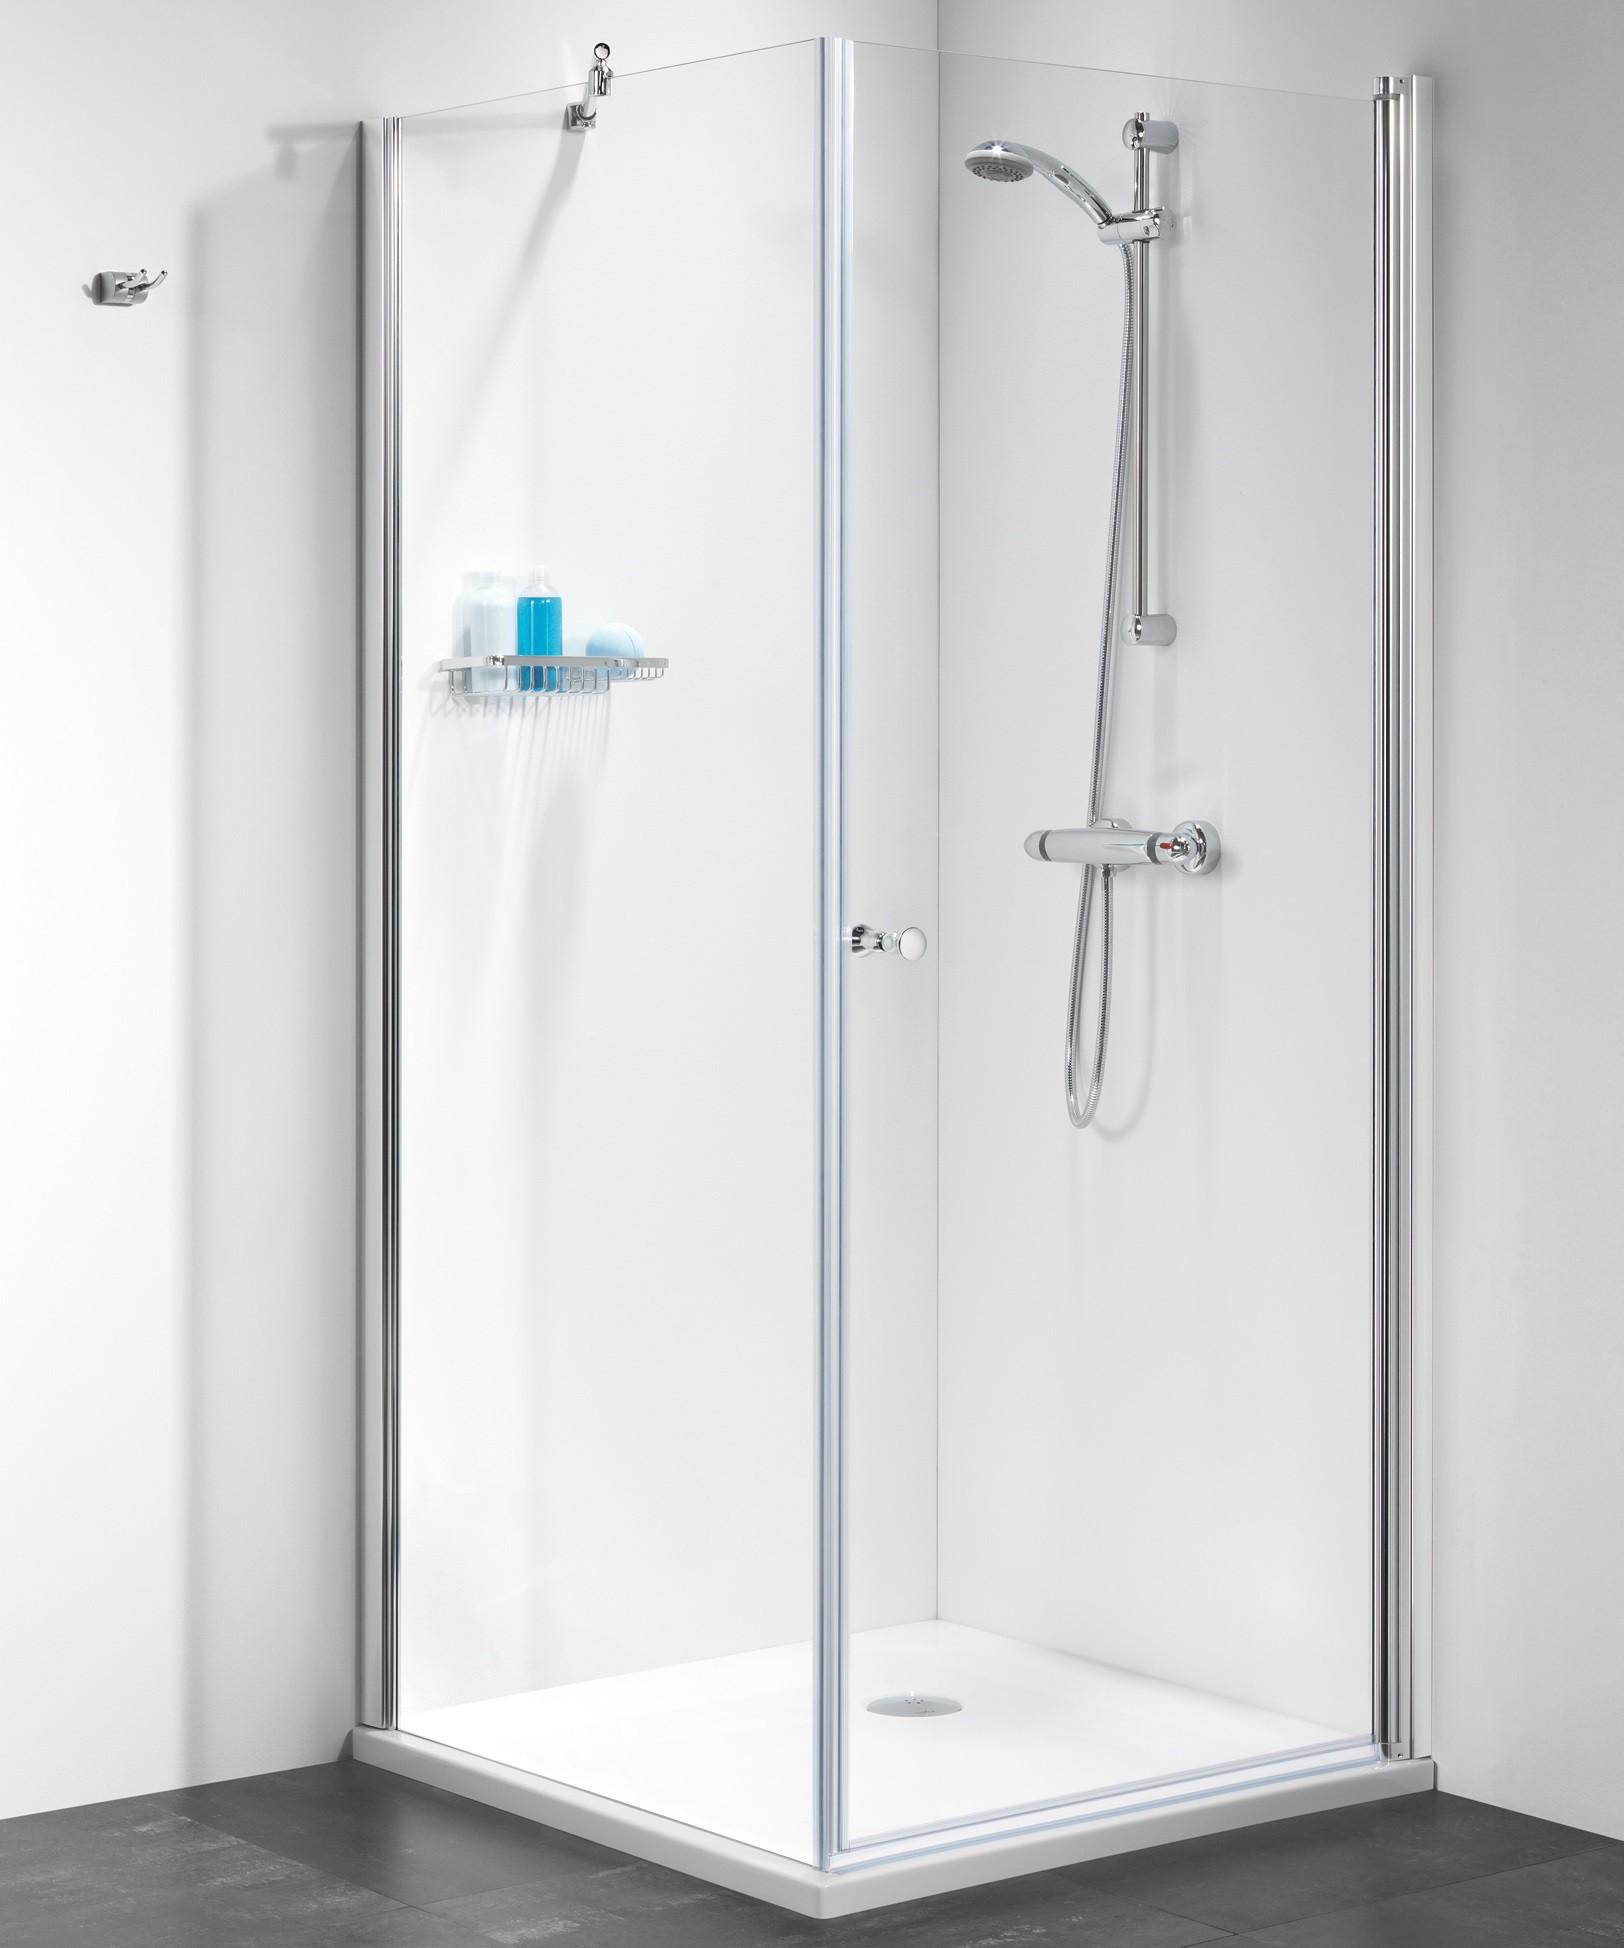 duscht r mit seitenwand 90 x 90 x 195 cm duschabtrennung dusche t r mit seitenwand dusche. Black Bedroom Furniture Sets. Home Design Ideas